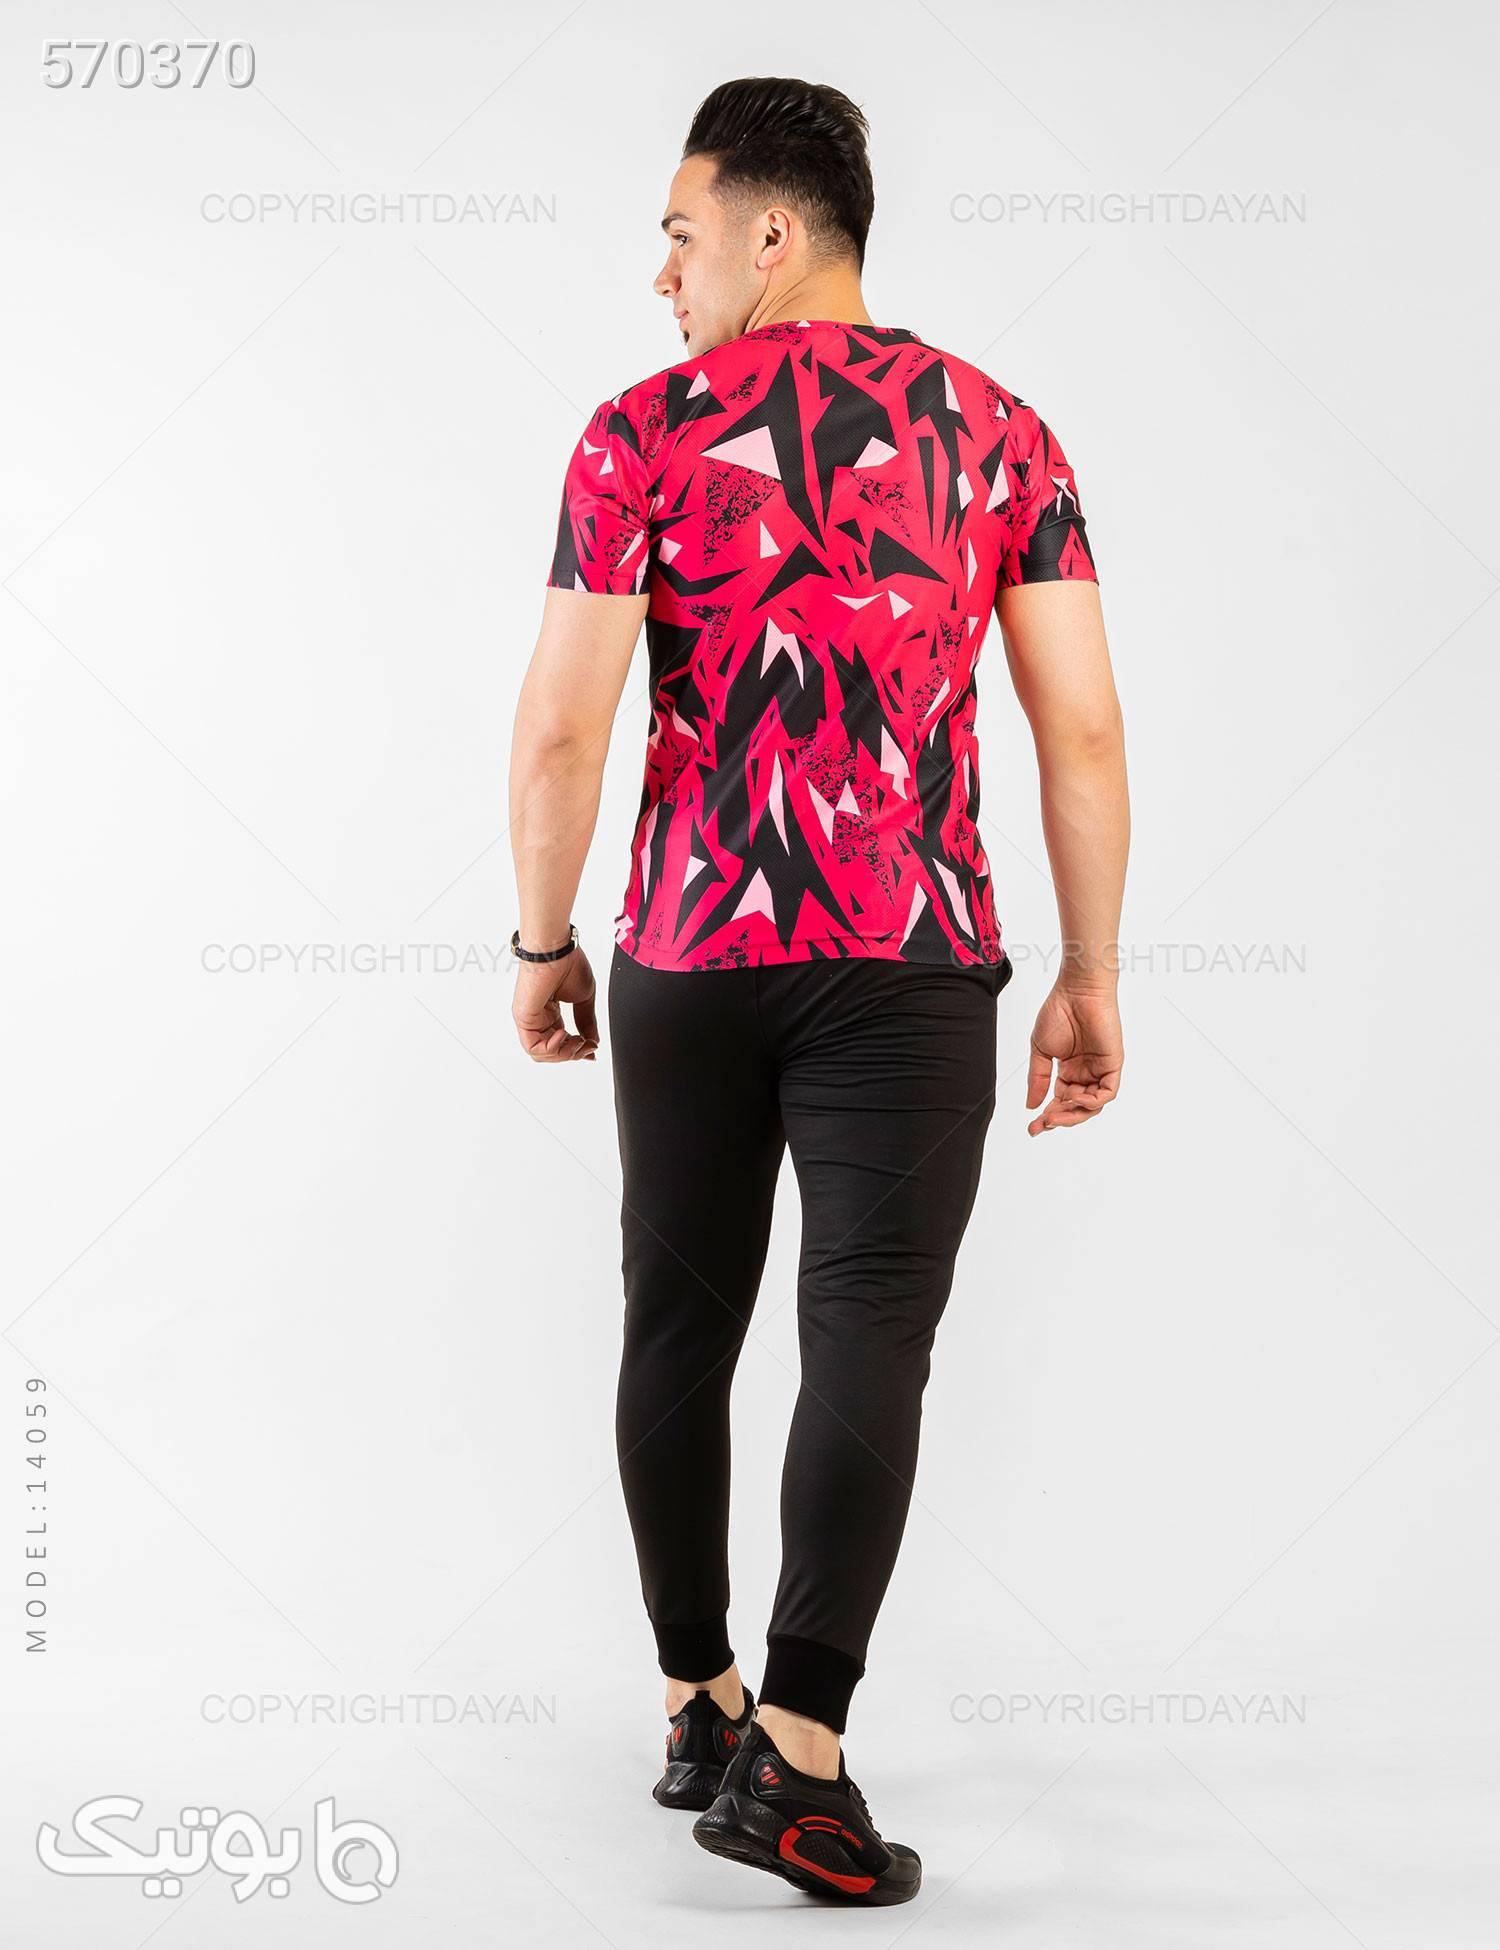 ست تیشرت و شلوار مردانه Nike مدل 14059 صورتی تی شرت و پولو شرت مردانه